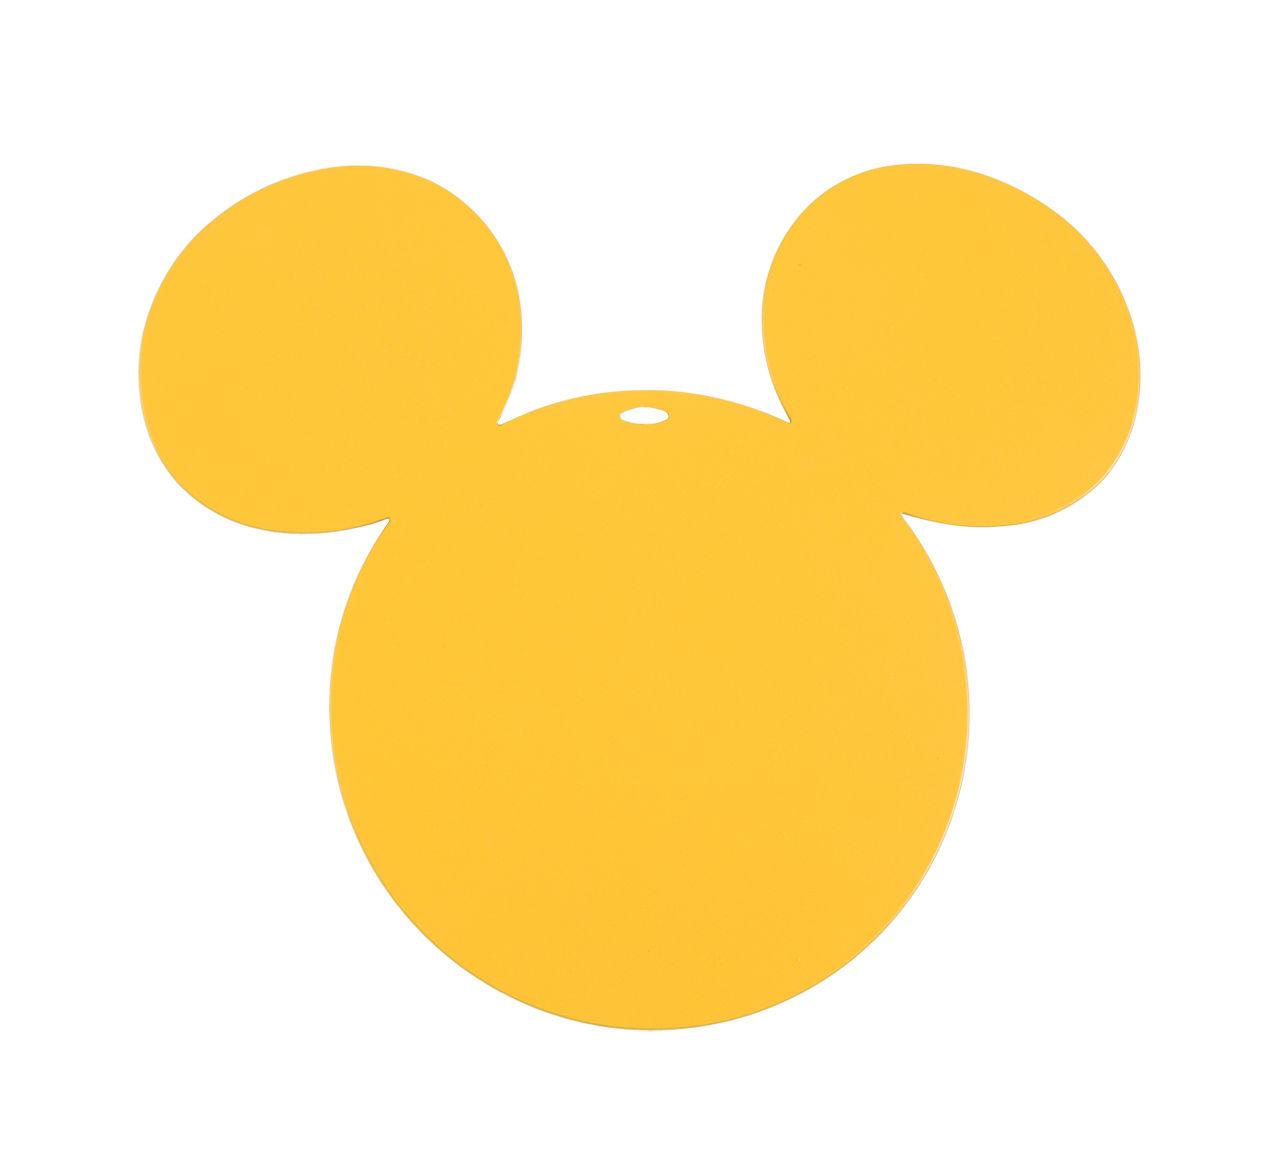 Arts de la table - Dessous de plat - Dessous de plat Mickey / Métal - Fermob - Miel - Acier électrozingué